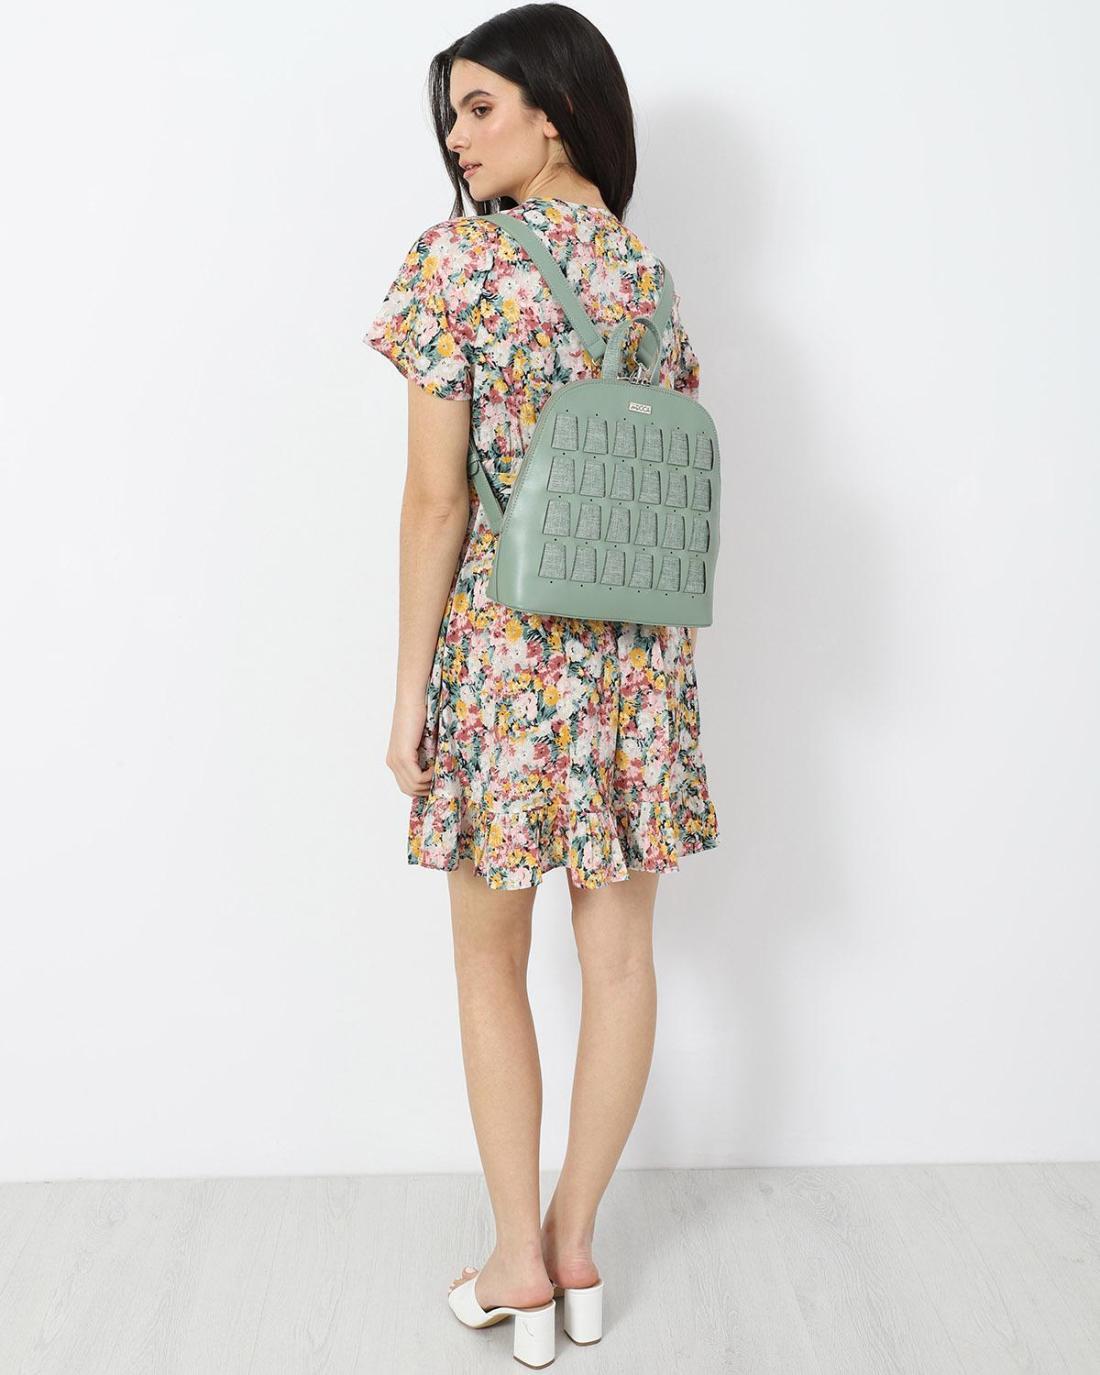 Μίνι φόρεμα πολύχρωμο